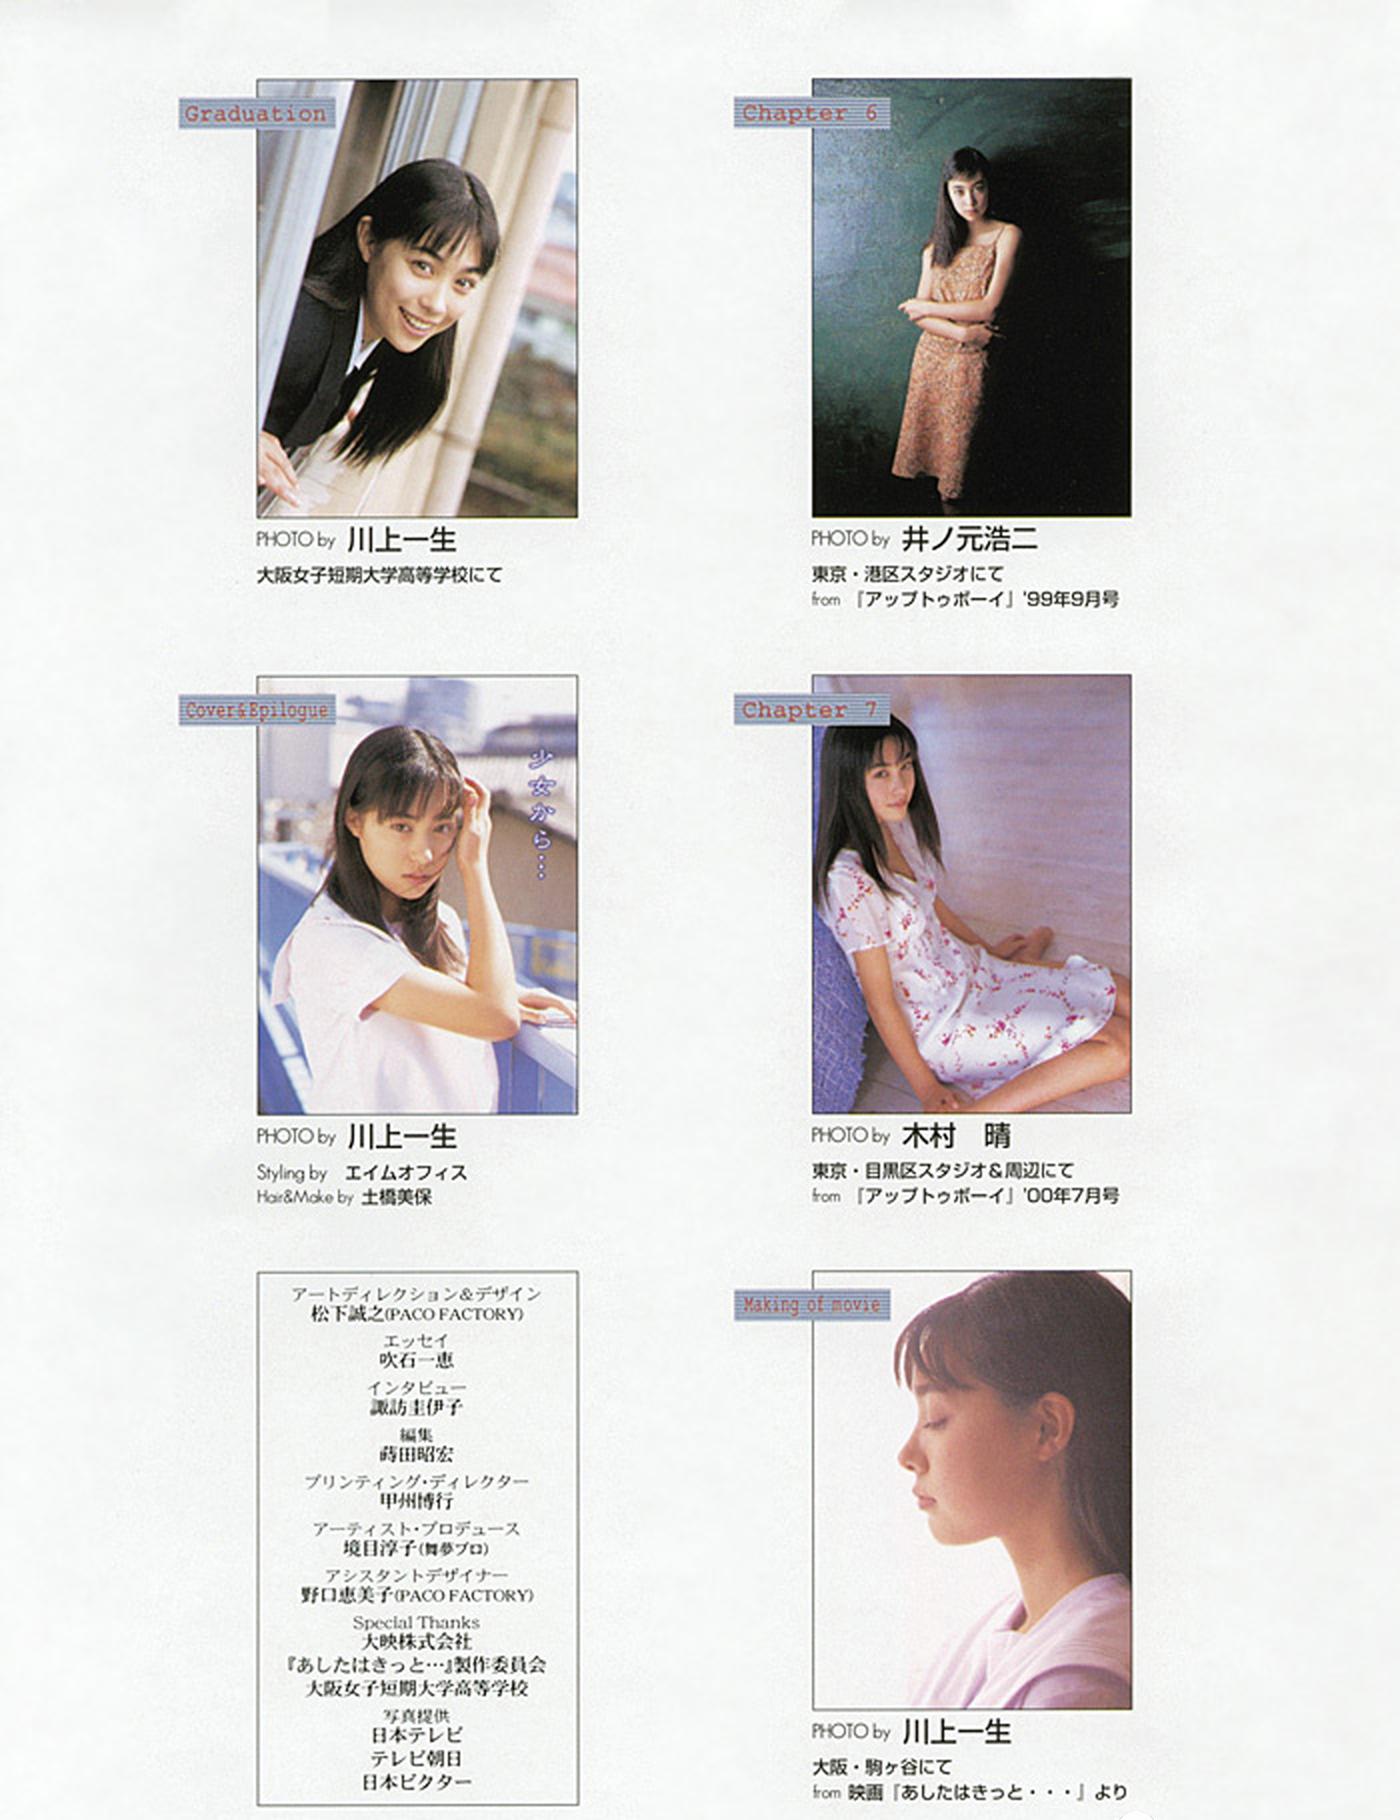 被锁在保险柜里的日本艺人吹石一惠的写真作品 (54)